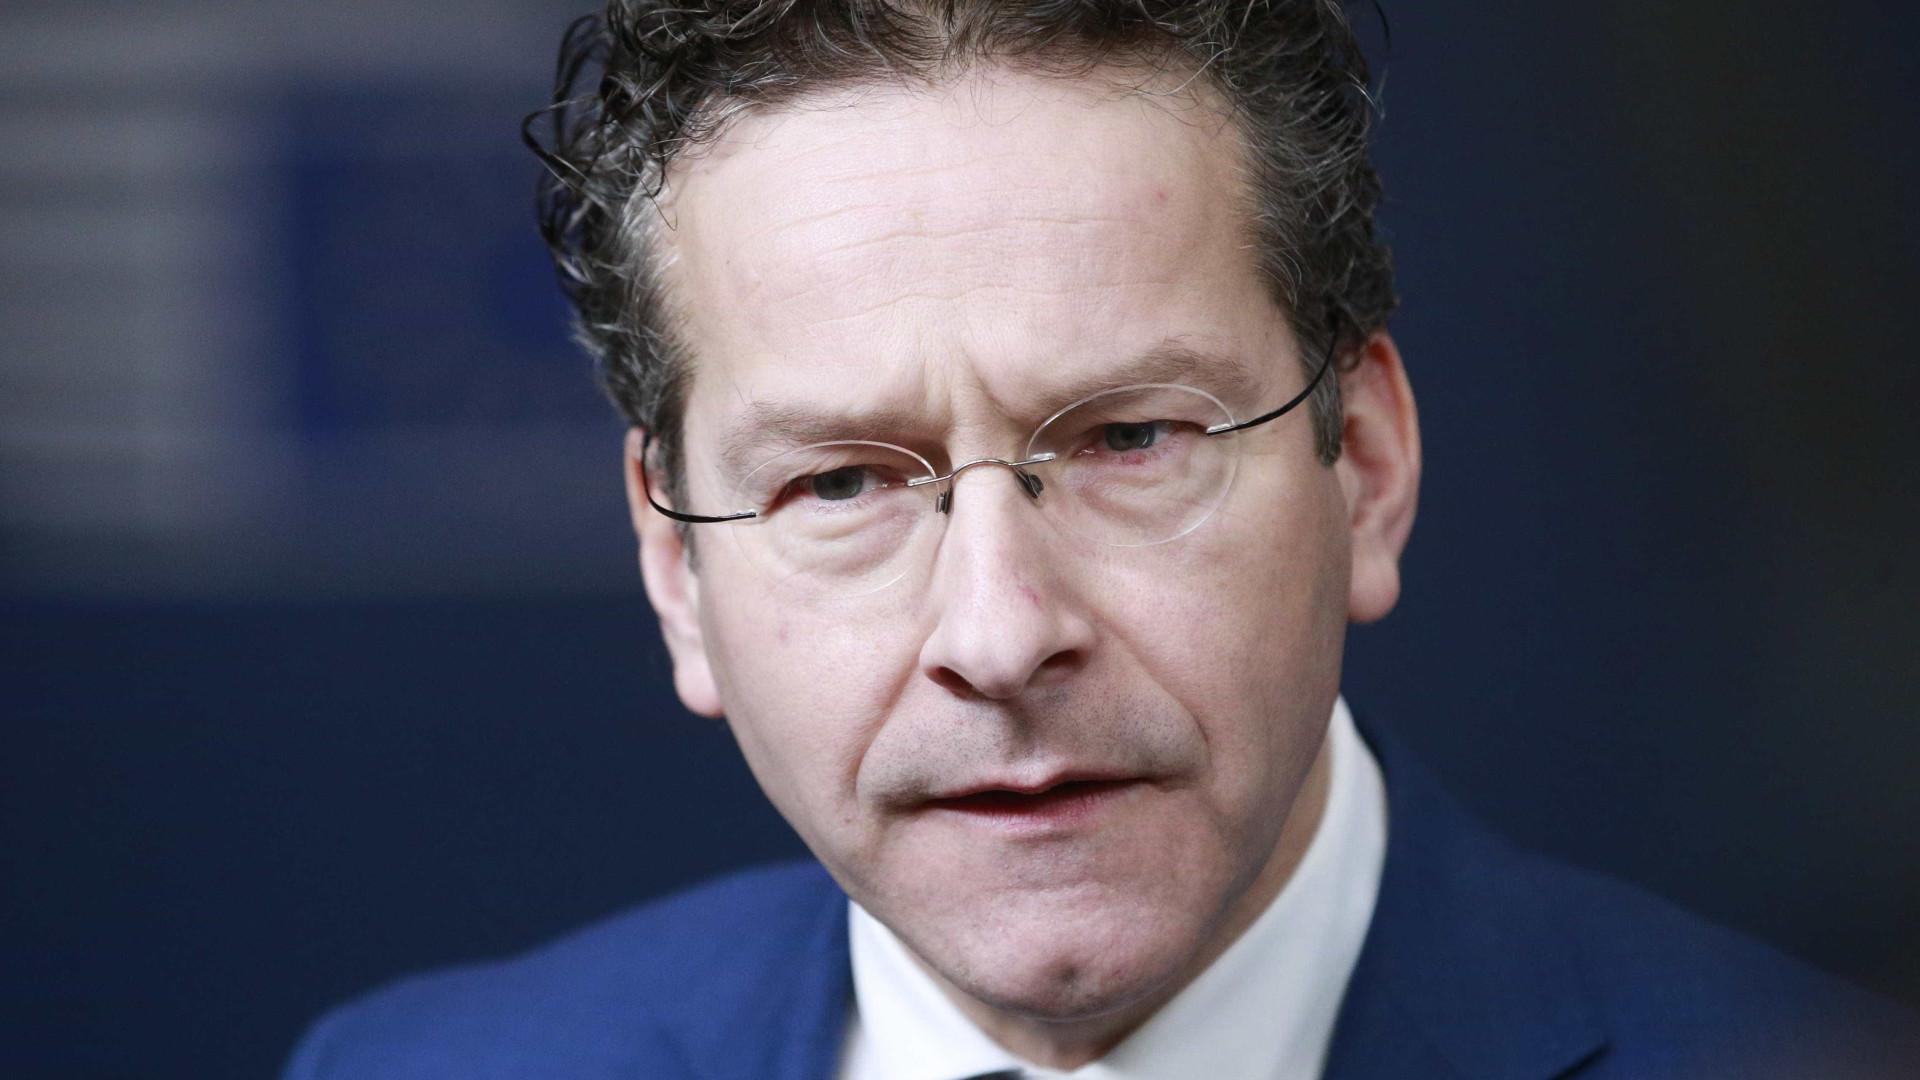 Eurogrupo reúne-se em Bruxelas com dúvidas sobre futuro de Dijsselbloem